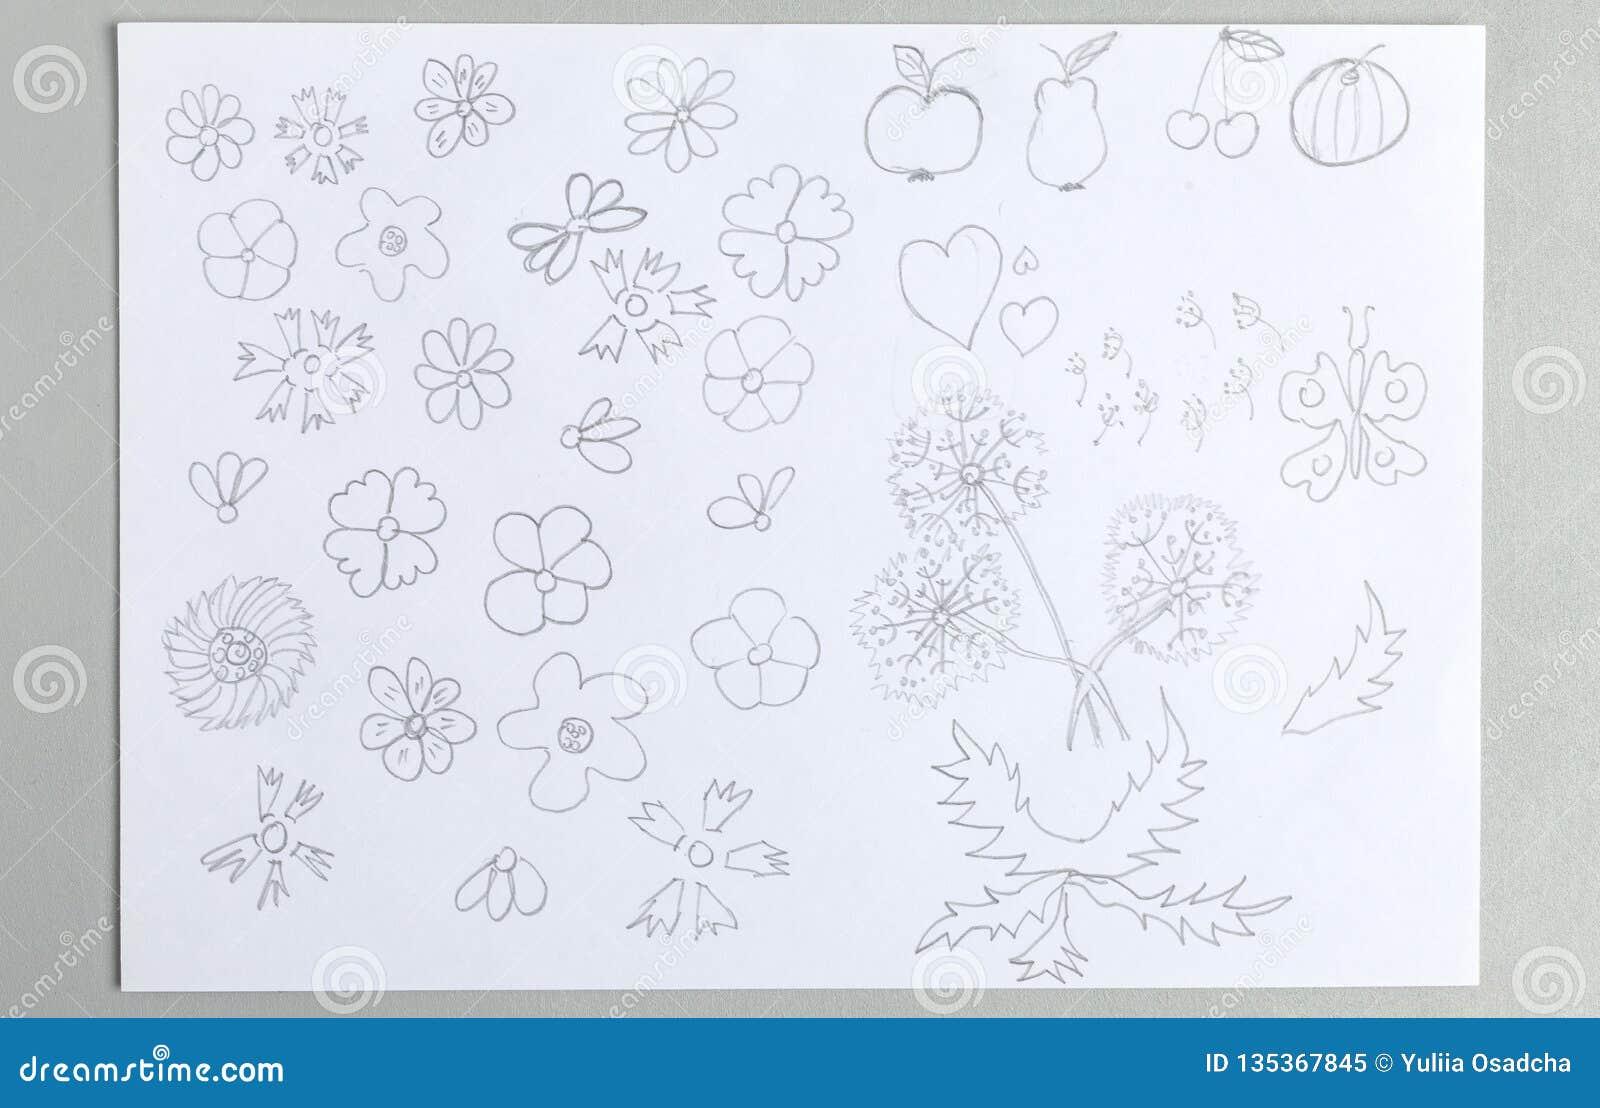 Sistema de los dibujos del niño de las diversas frutas y mariposa de las cabezas de flor